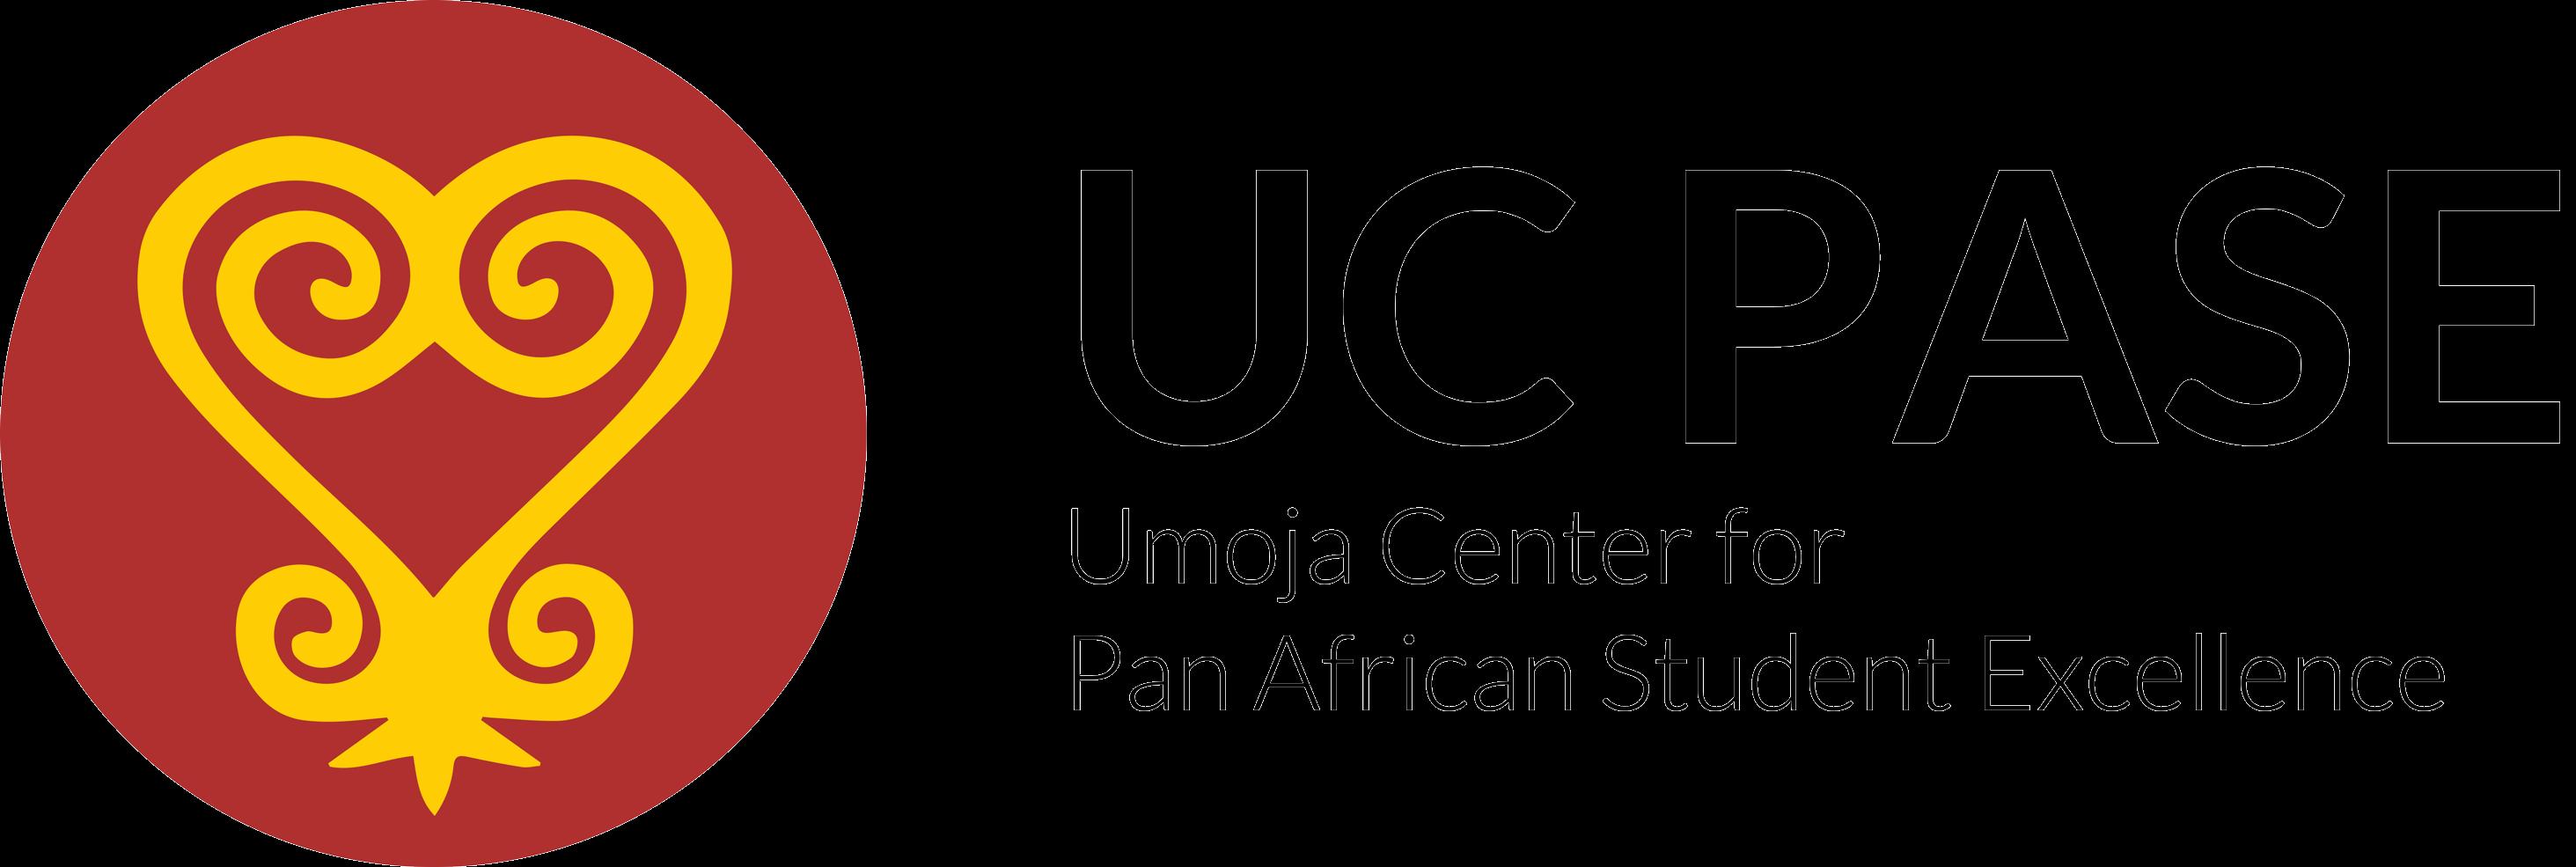 UC PASE logo